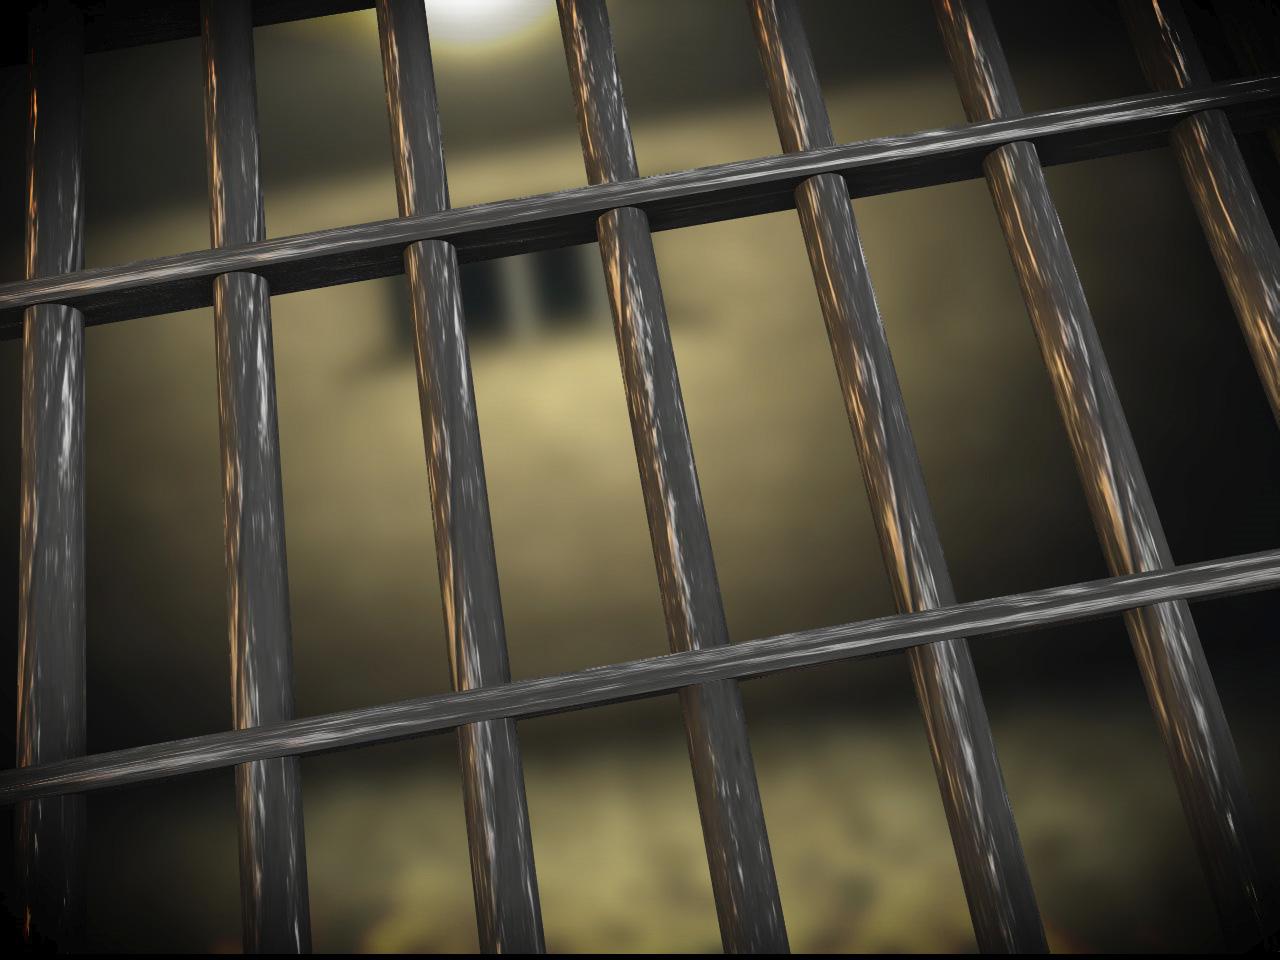 jail prisonn_1554485277501.jpg.jpg